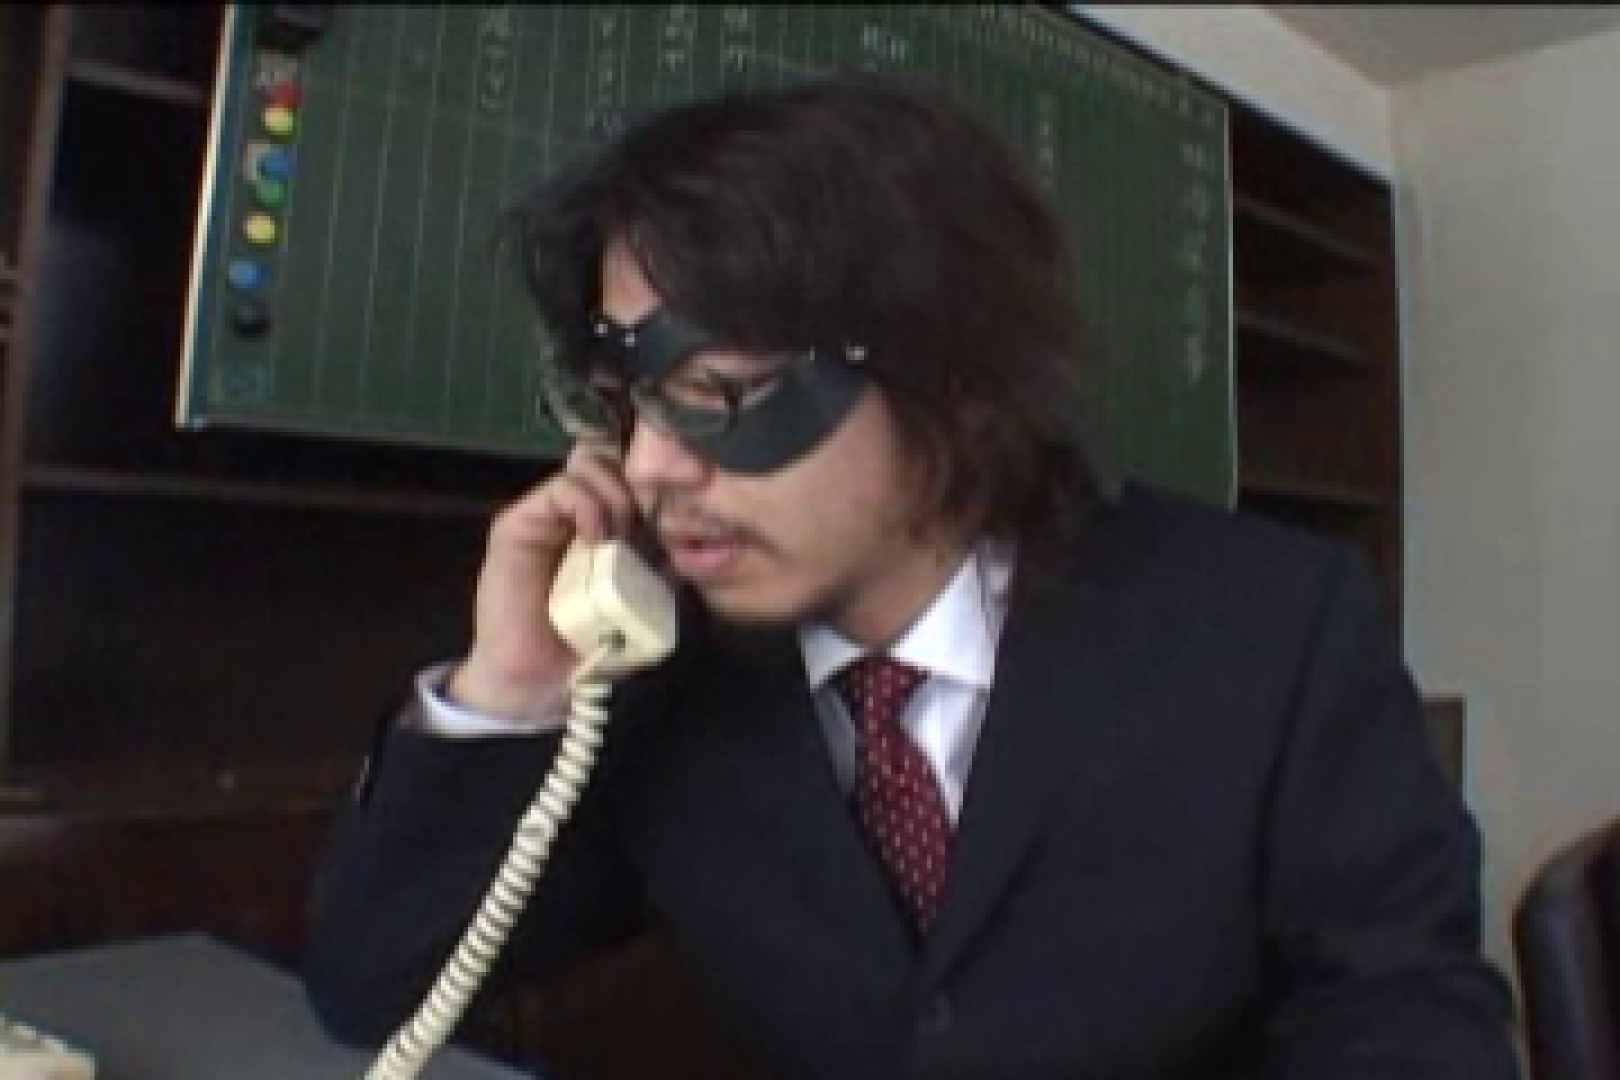 怒涛の集団攻撃!!vol.01 縛グッズプレイ ゲイAV画像 66pic 22